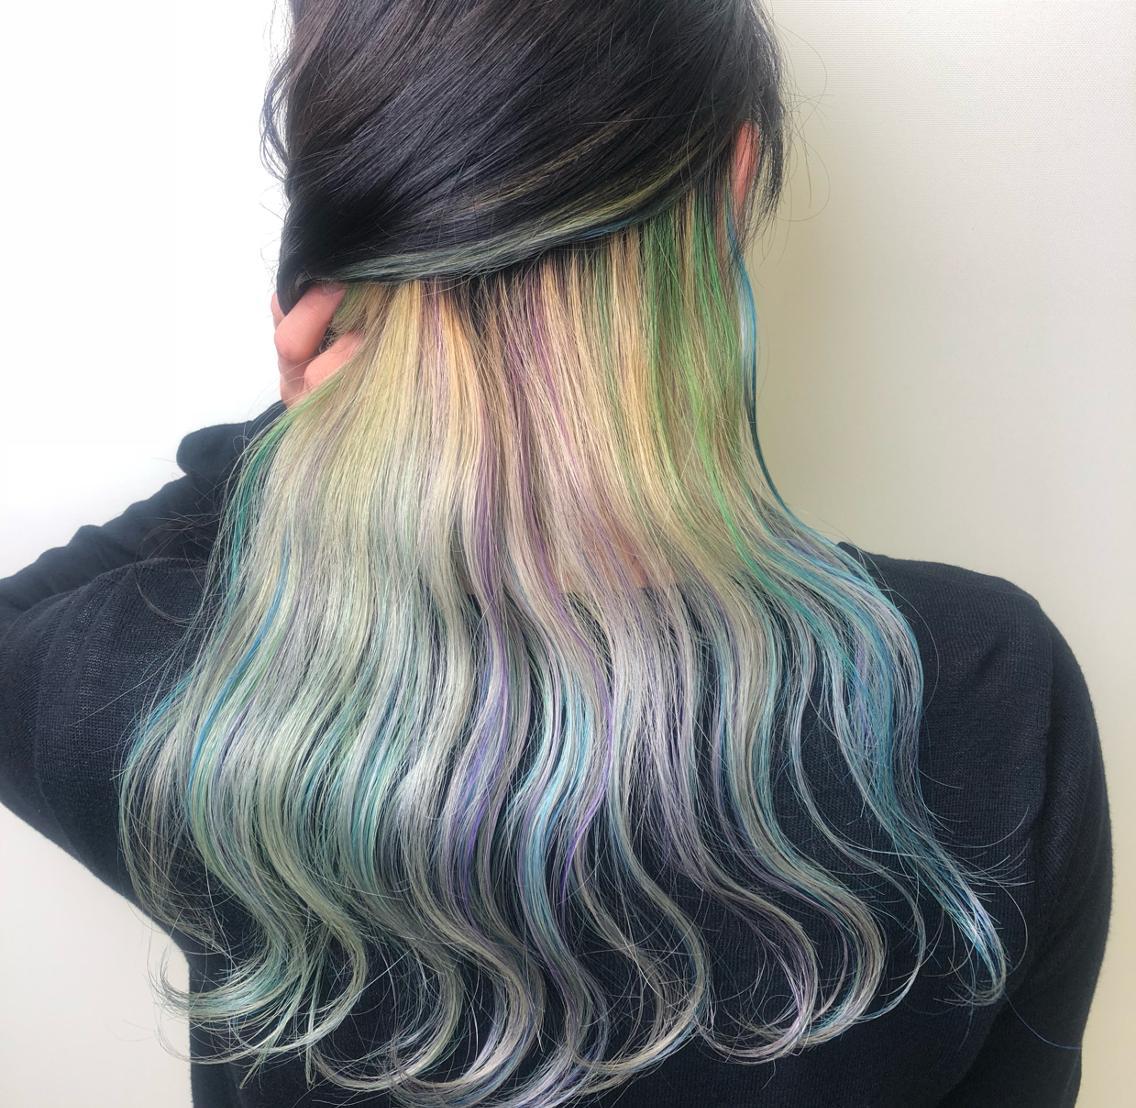 10代後半から20代のカラーが得意なお店♪♪髪質や雰囲気に合わせた綺麗な色出します!